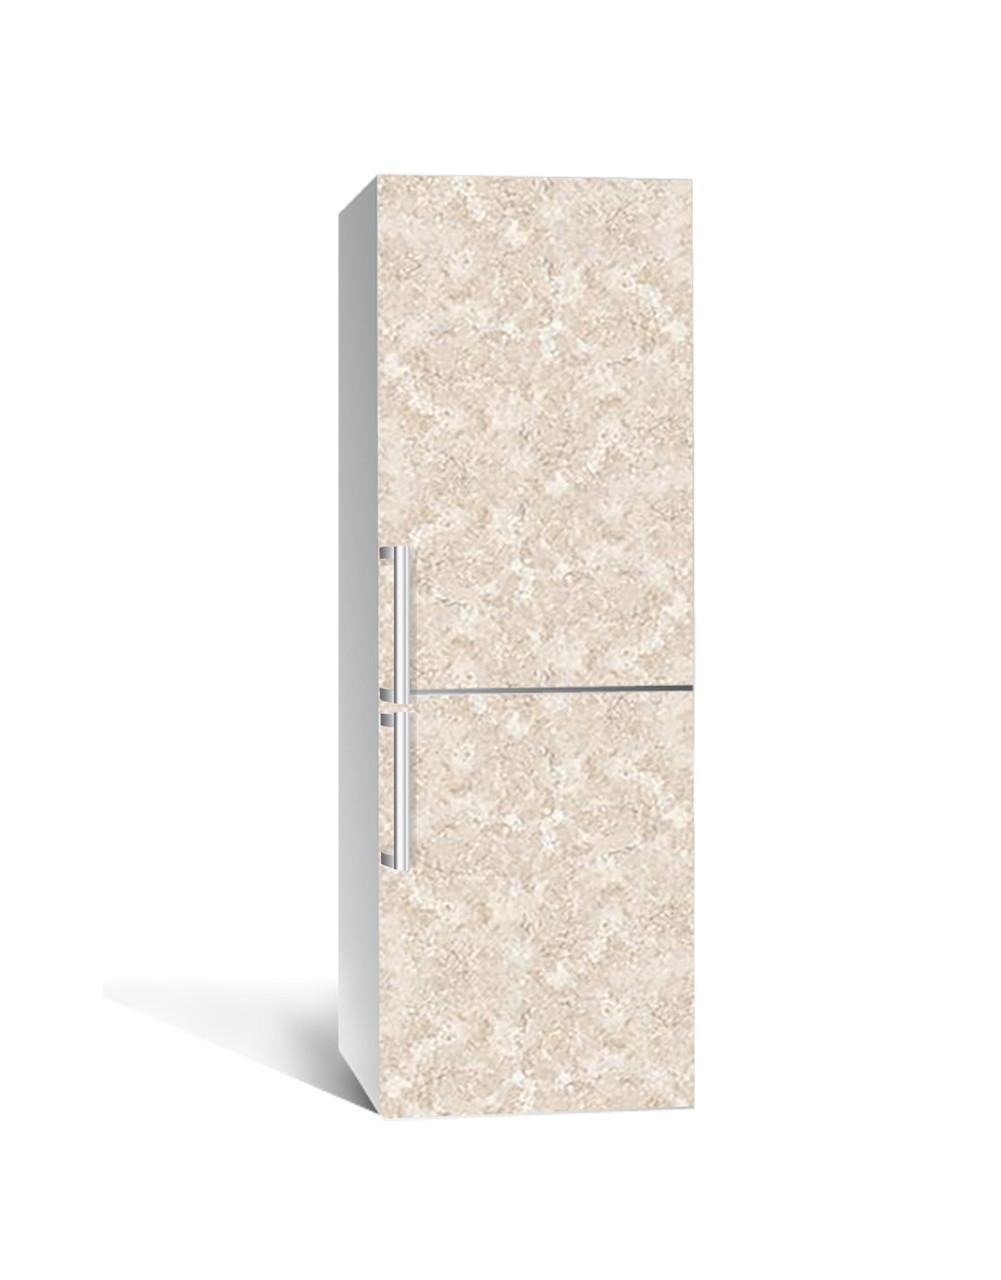 Виниловая 3Д наклейка на холодильник Песчаный Камень (пленка ПВХ фотопечать) 65*200см Текстуры Бежевый